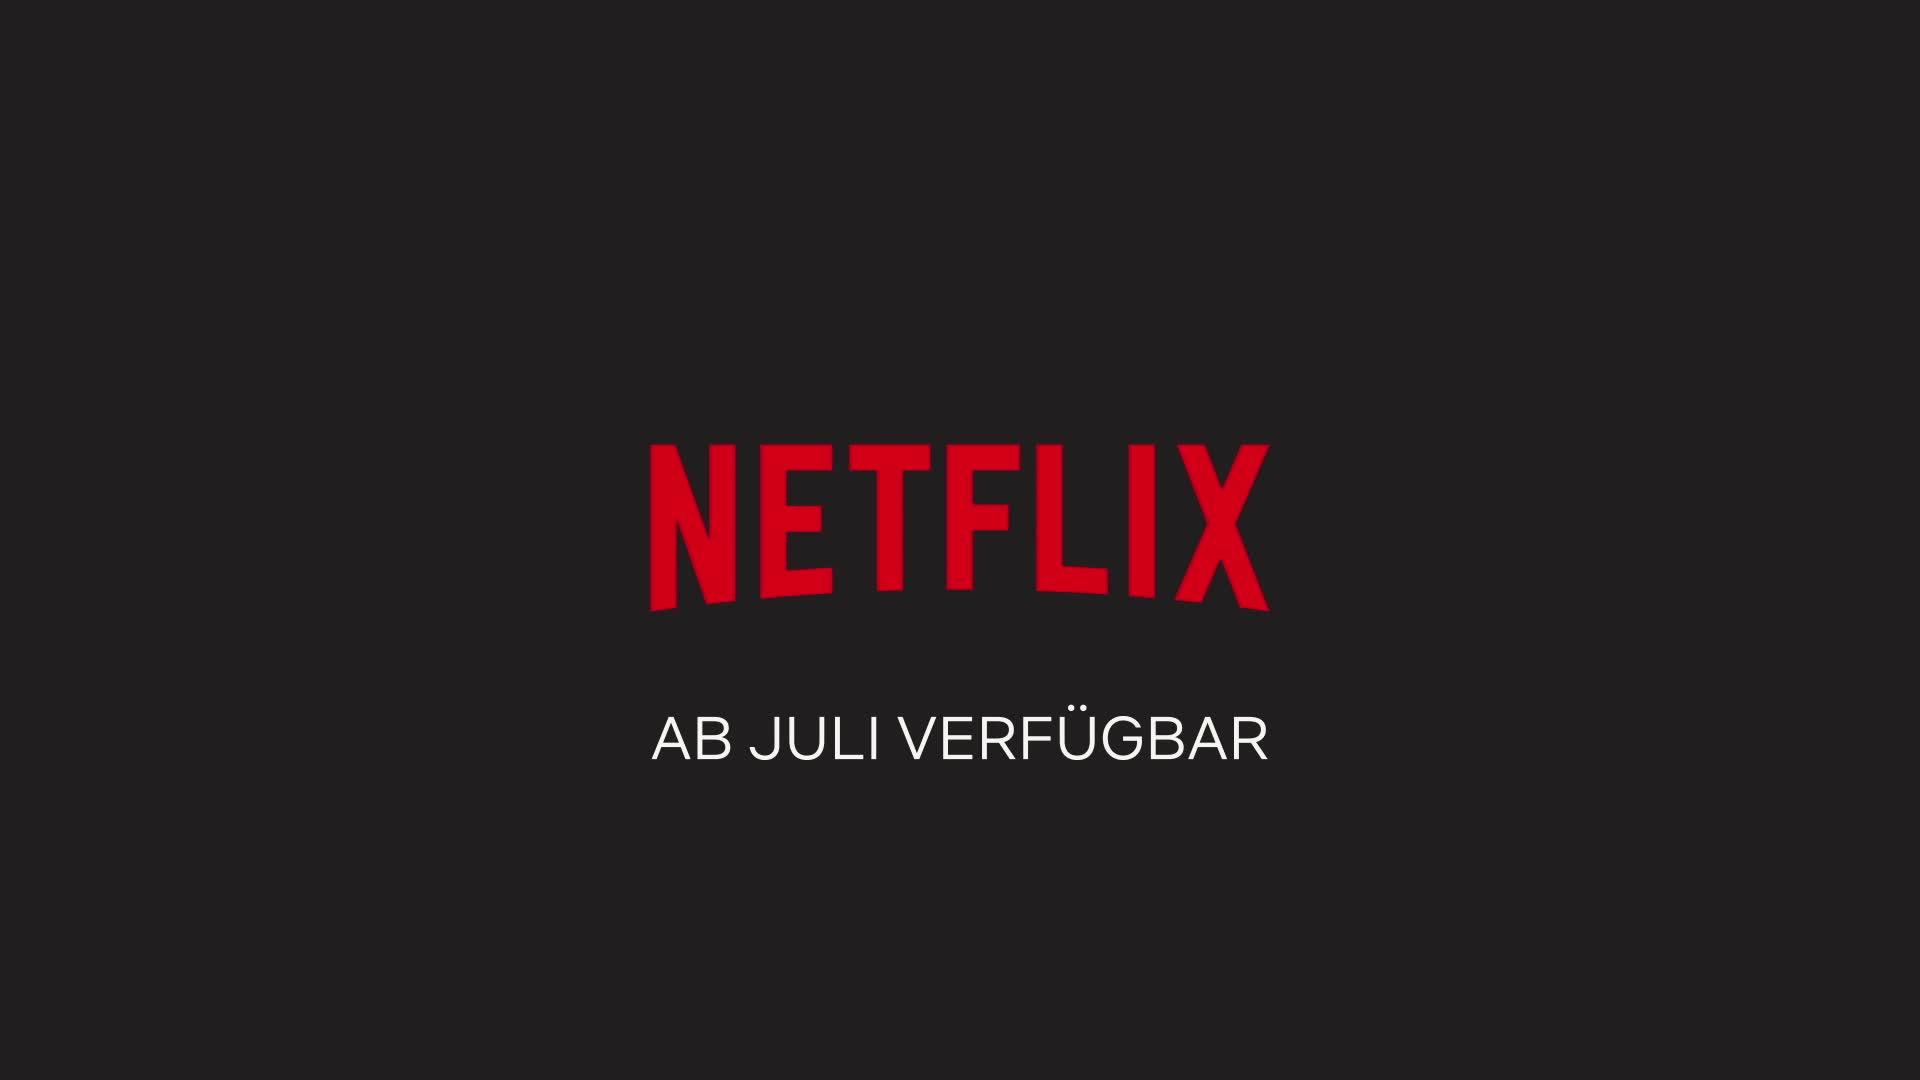 Trailer, Streaming, Deutschland, Netflix, Teaser, Filme, Netflix Deutschland, Serien, Videostreaming, Juli 2019